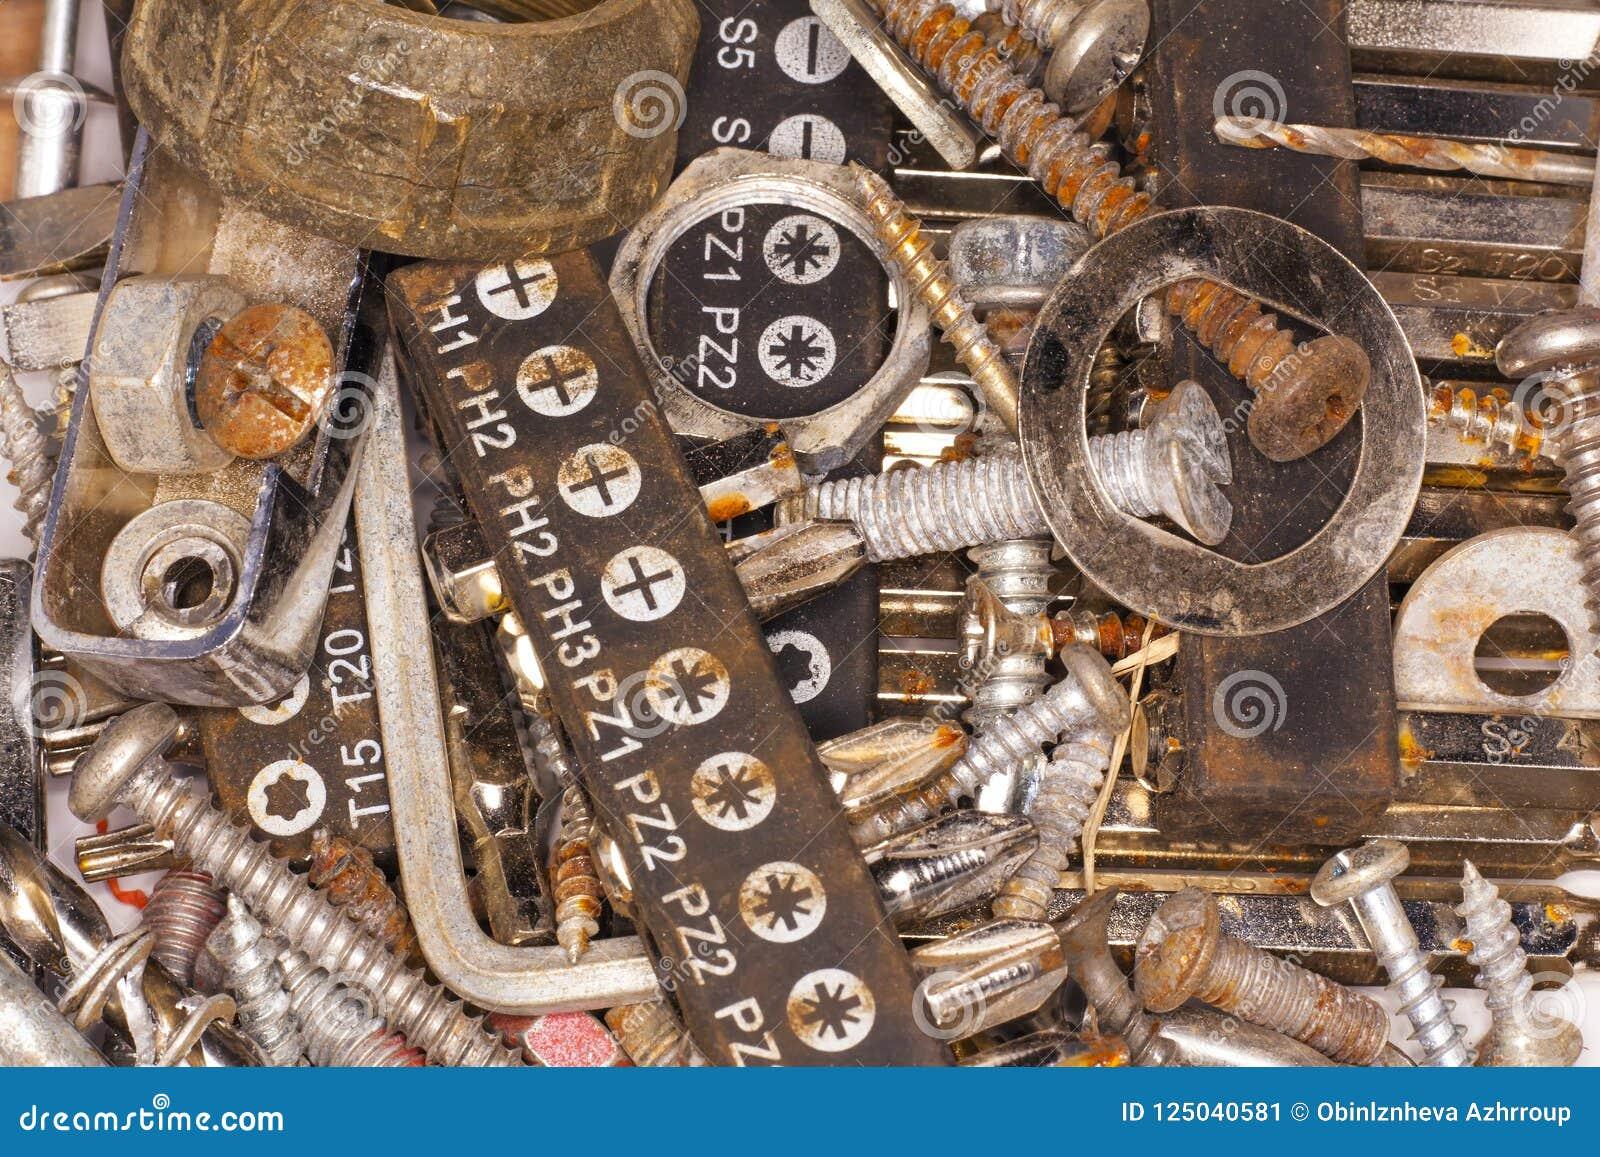 Σκουριασμένα βίδες, καρφιά και εργαλεία